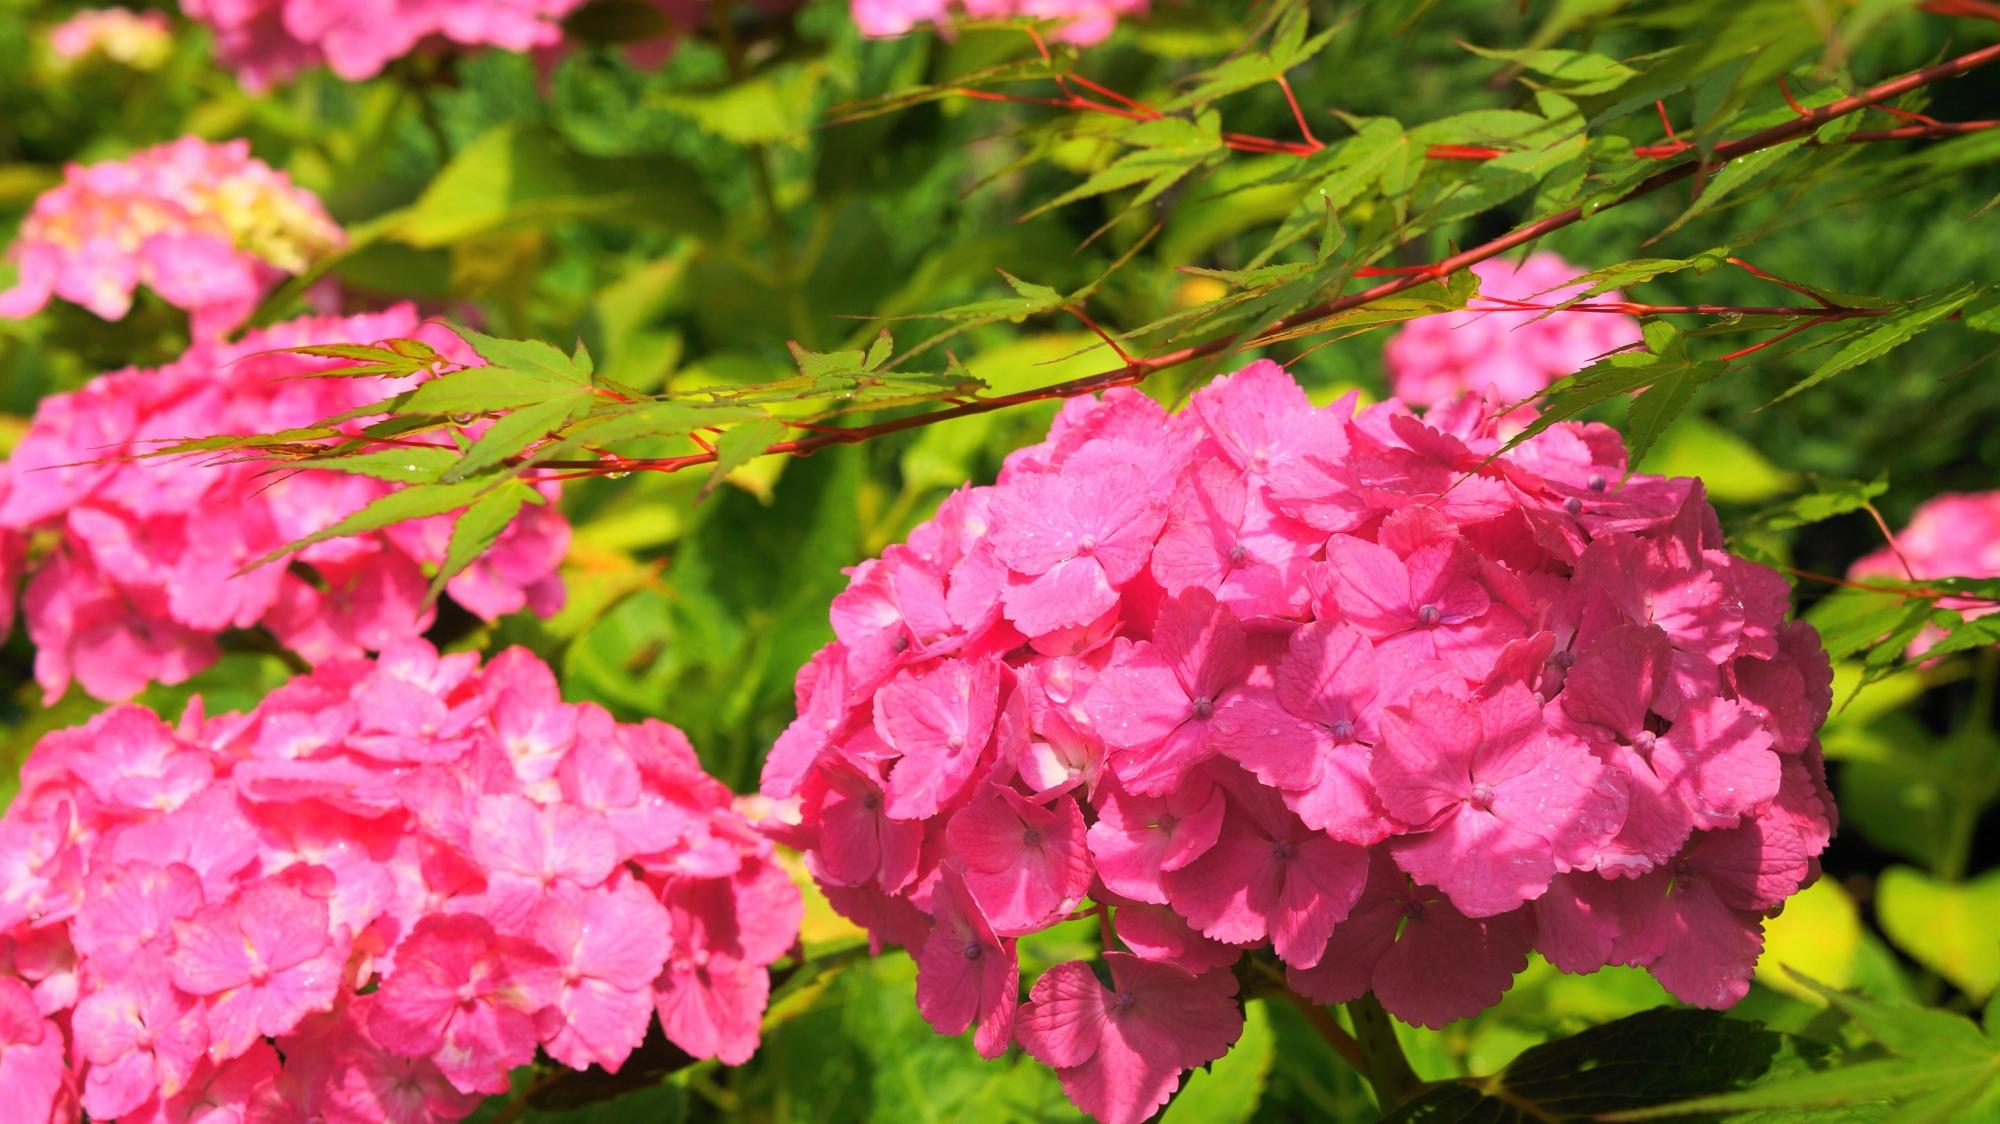 青もみじと紫陽花のコラボ